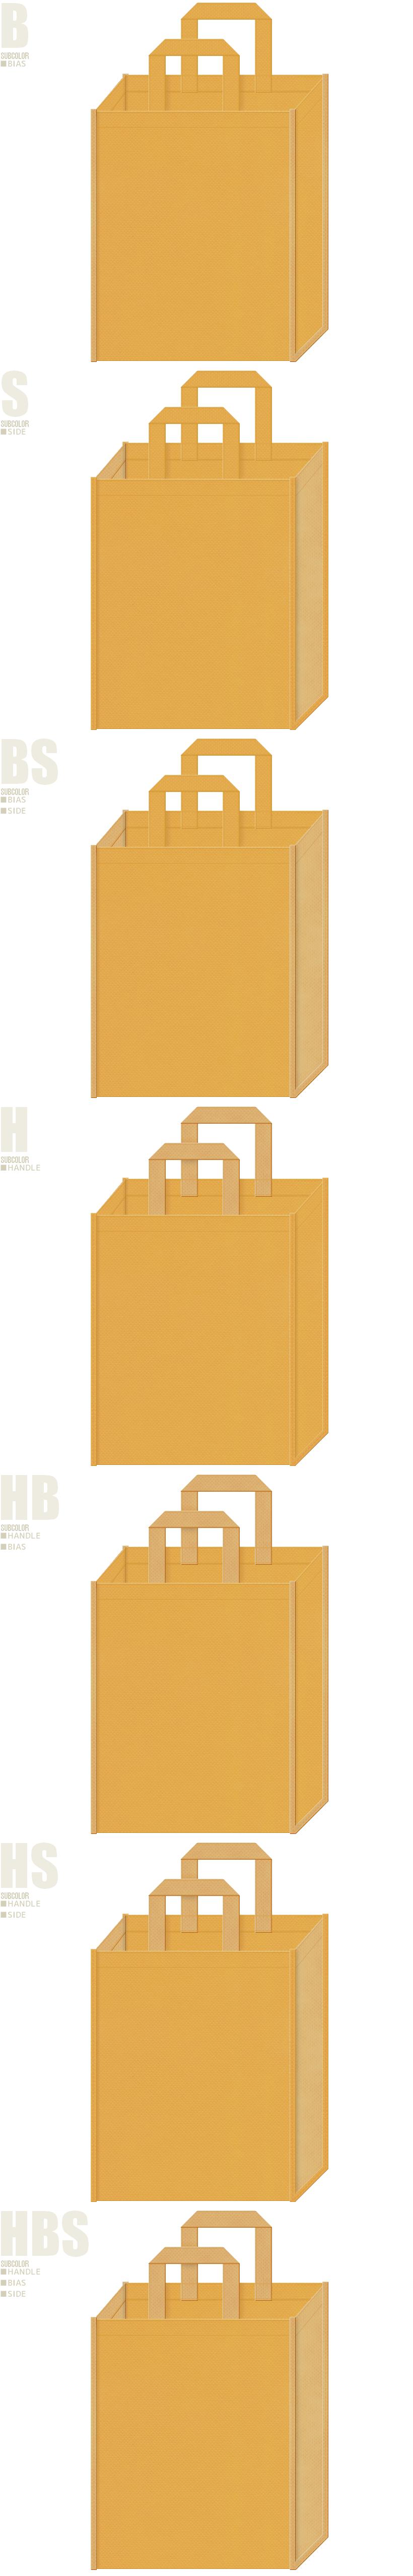 黄土色と薄黄土色、7パターンの不織布トートバッグ配色デザイン例。